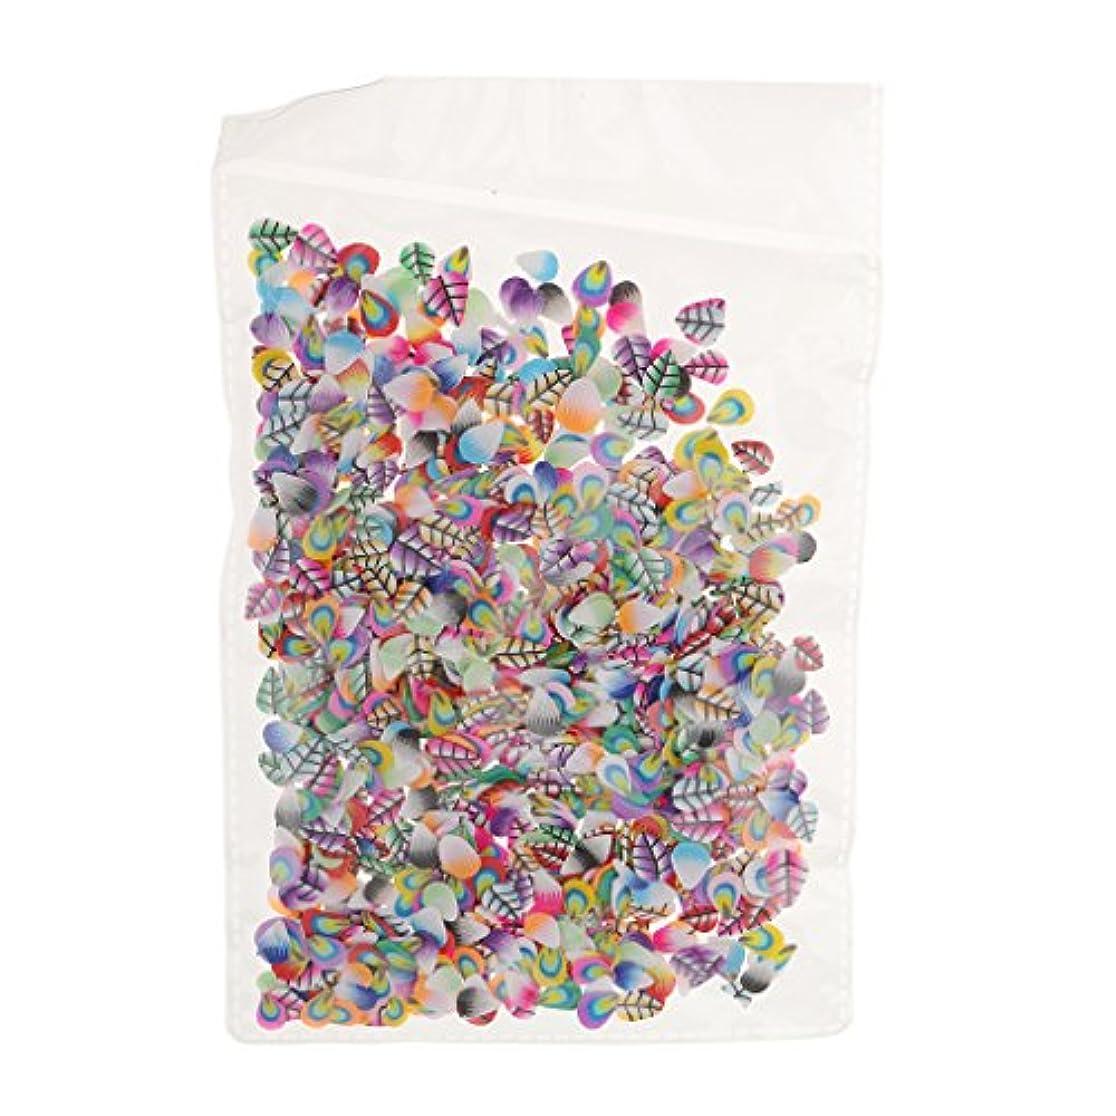 提供友だち爆風Perfeclan ネイルアート フルーツ スライス ポリマー ステッカー ネイル 装飾 約1000枚 直径約5mm - フェザースタイル